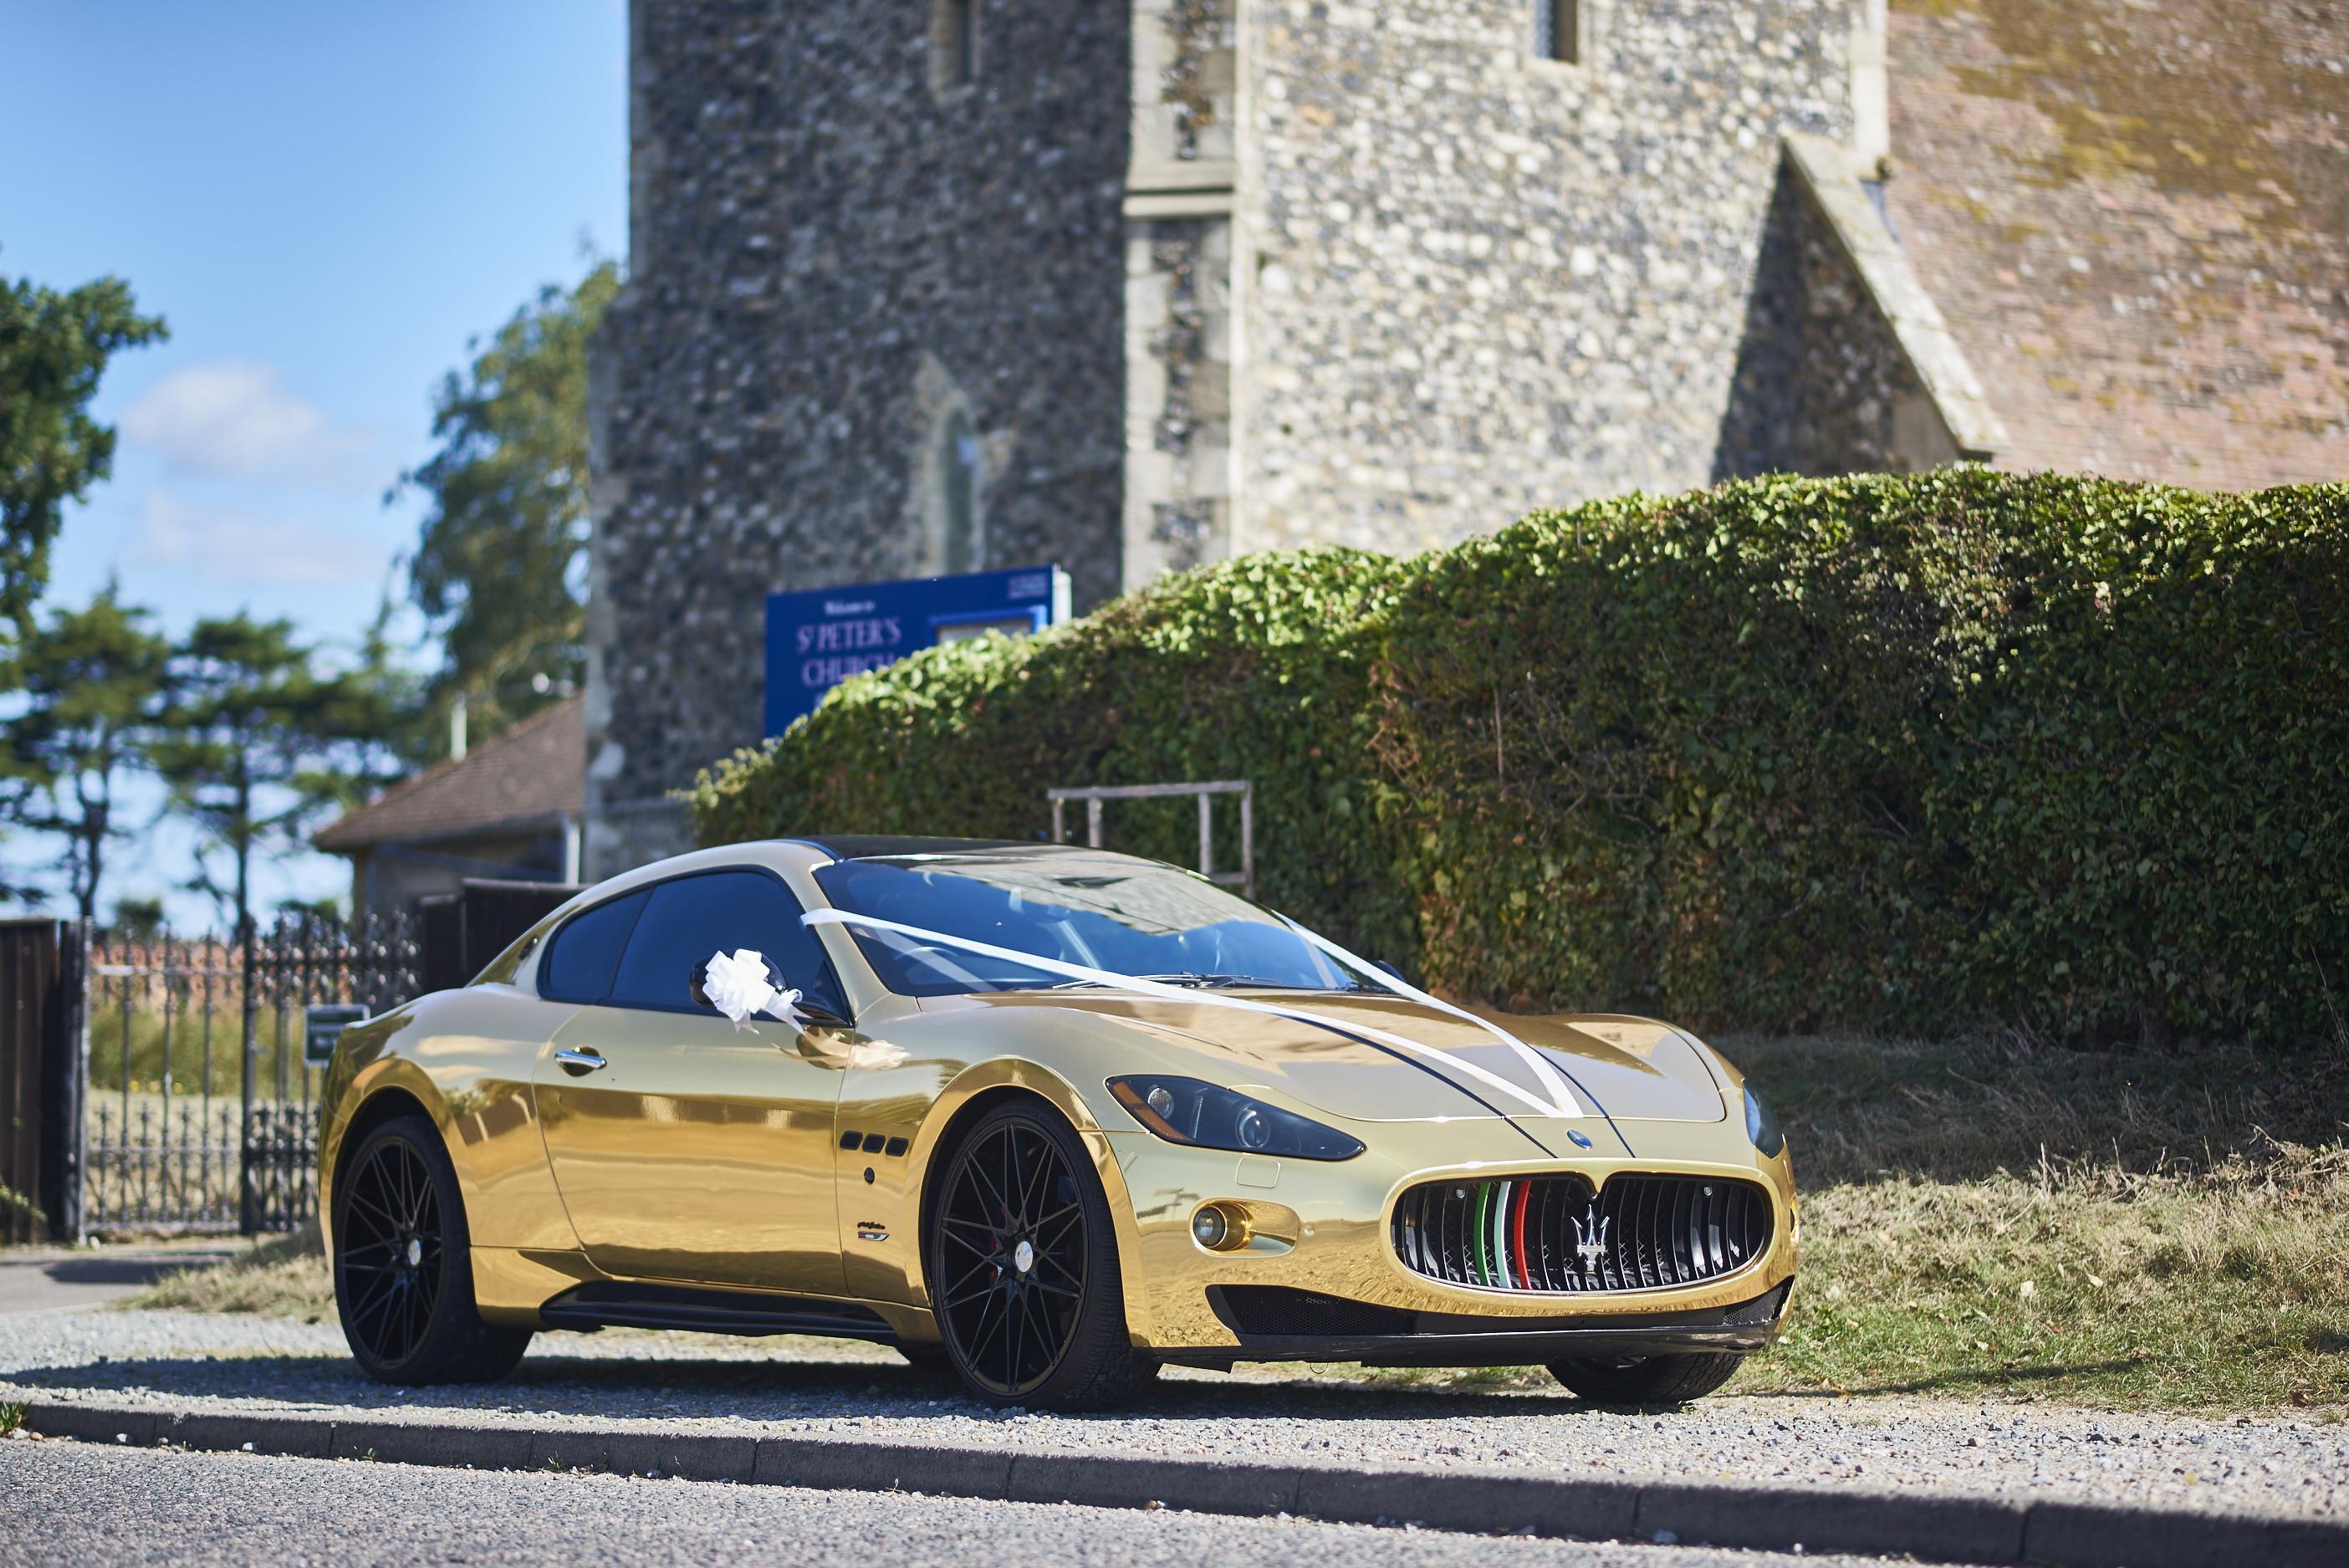 Maserati Granturismo S Hire Lowestoft